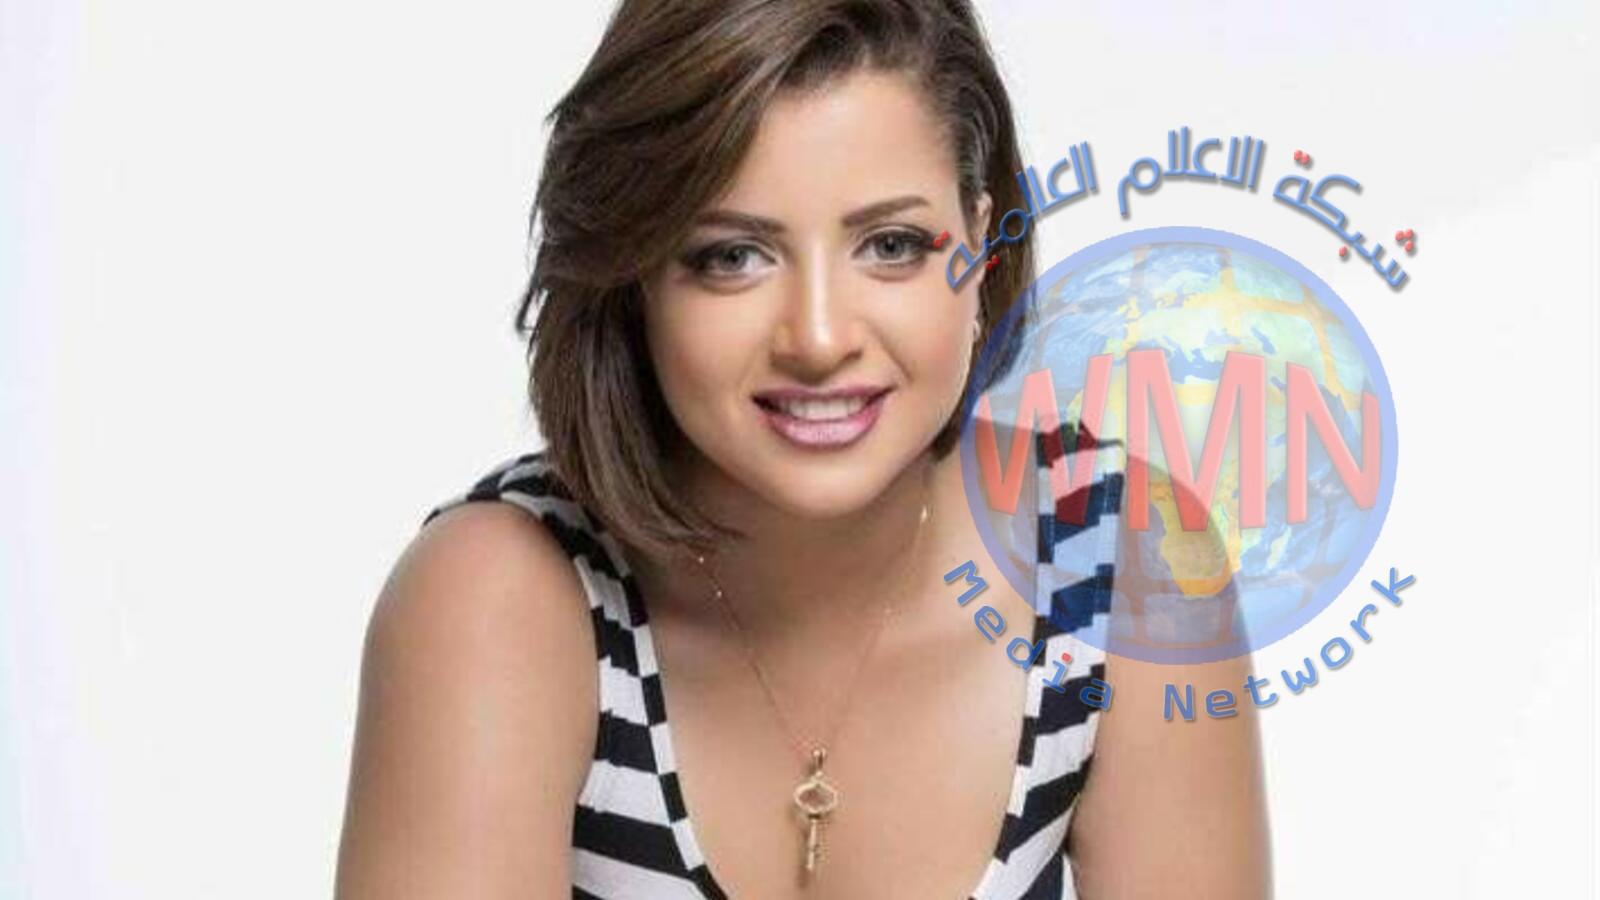 """تطورات وتفاصيل جديدة في قضية """"فيديوهات خالد يوسف الفاضحة"""" وإخلاء سبيل منى فاروق"""